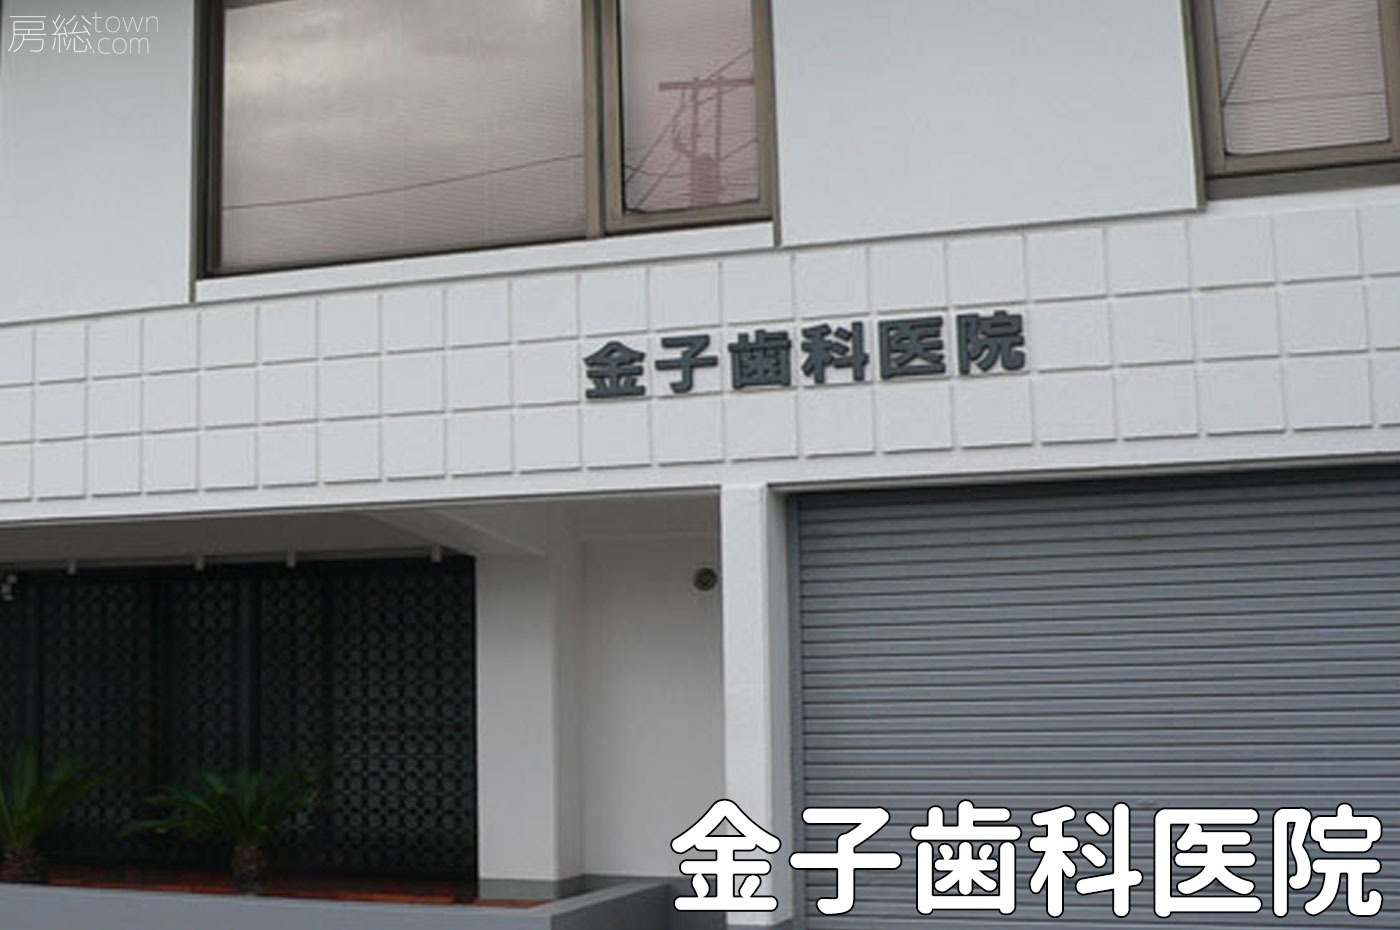 金子歯科医院の玄関